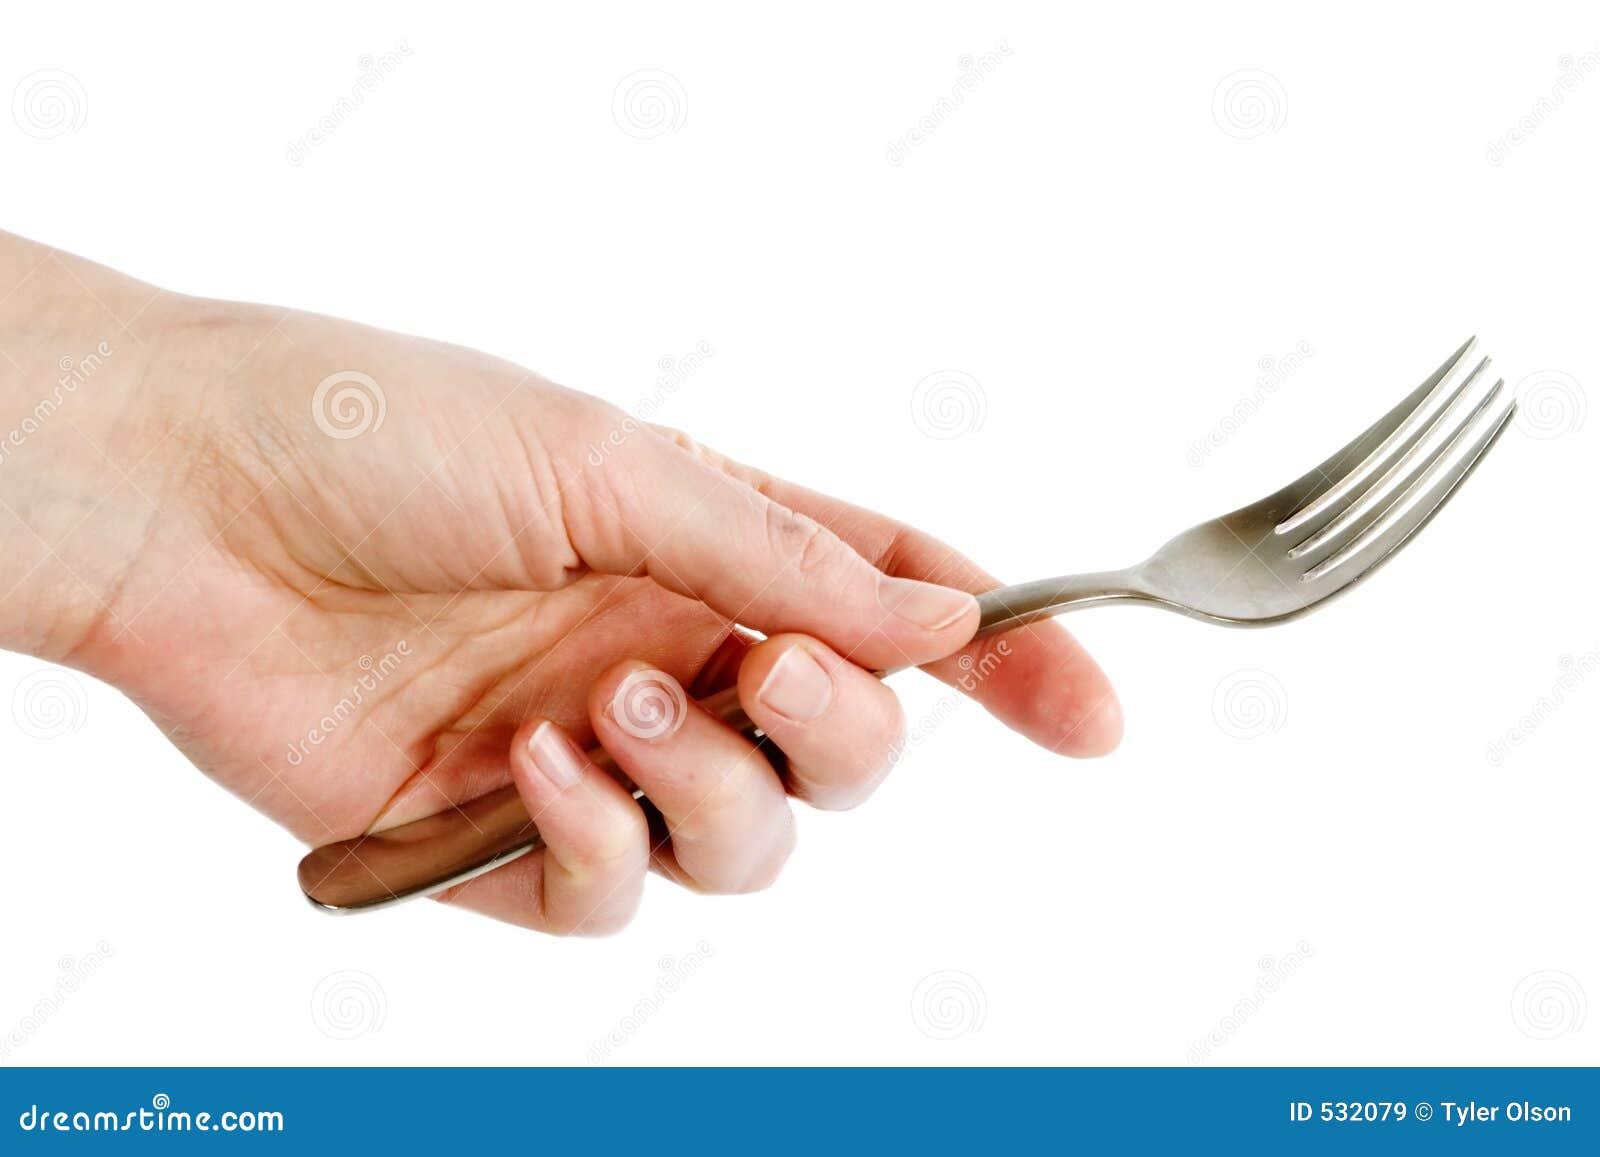 Download 叉子现有量 库存图片. 图片 包括有 设备, 饮食, 人员, 热切, 隔离, 暂挂, 挨饿, 不锈, 路径, 适当 - 532079